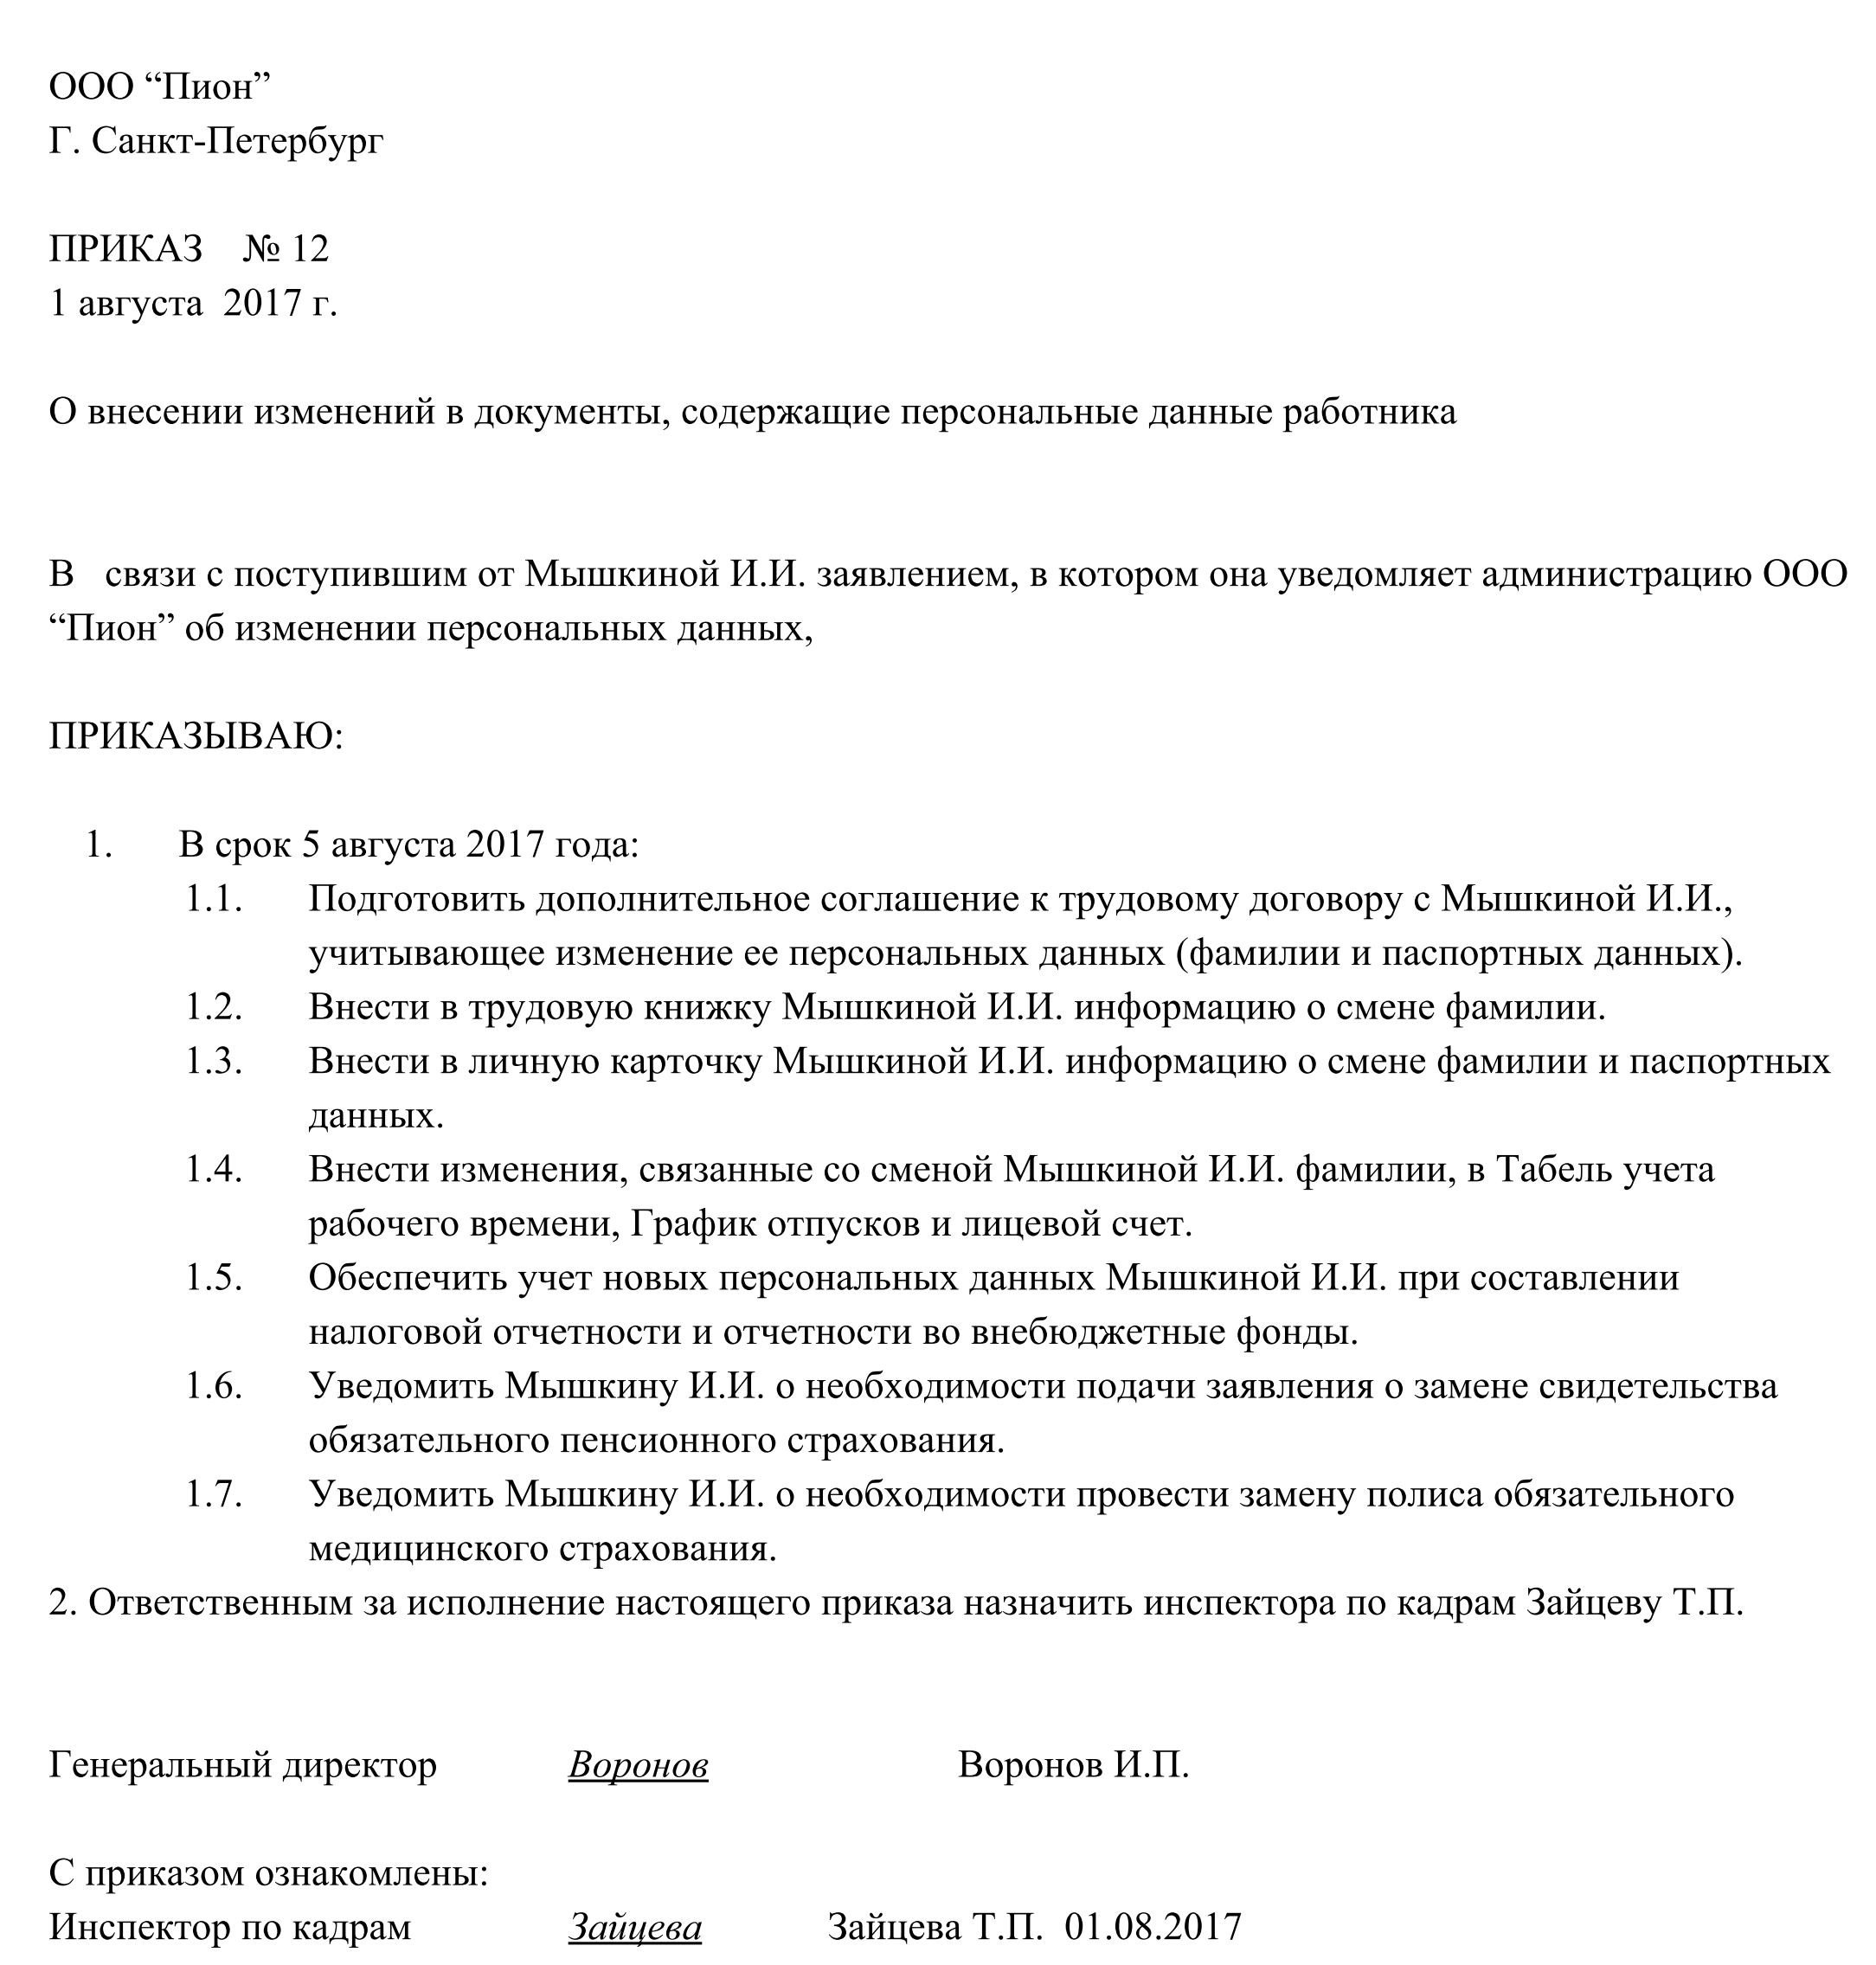 Образец приказа о персональных данных работников Скачать   fls 2137 prikaz izm persdannykh 2 png